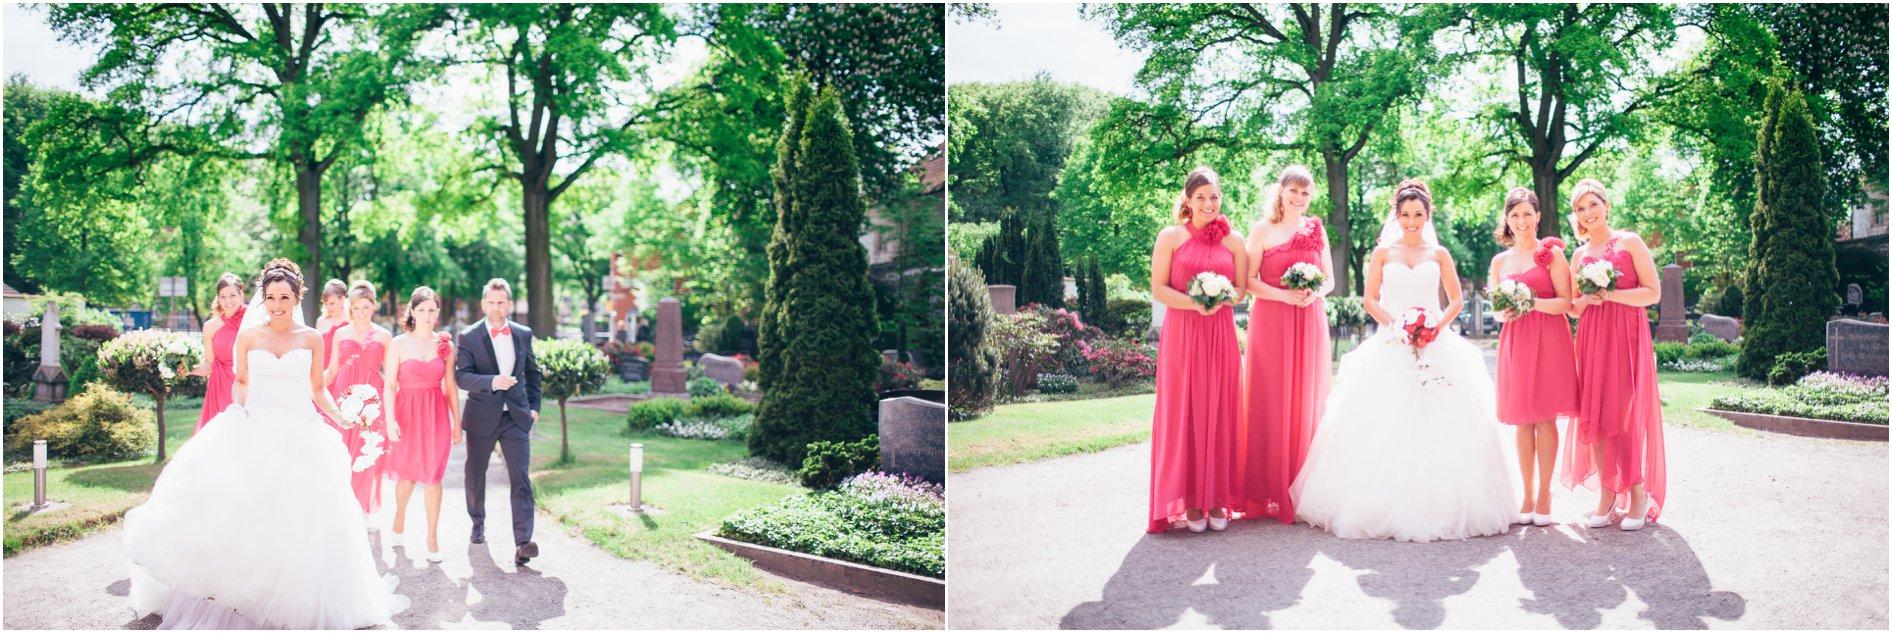 2014-07-16_0167 Anna & Igor - Hochzeitsfotograf in Bremen